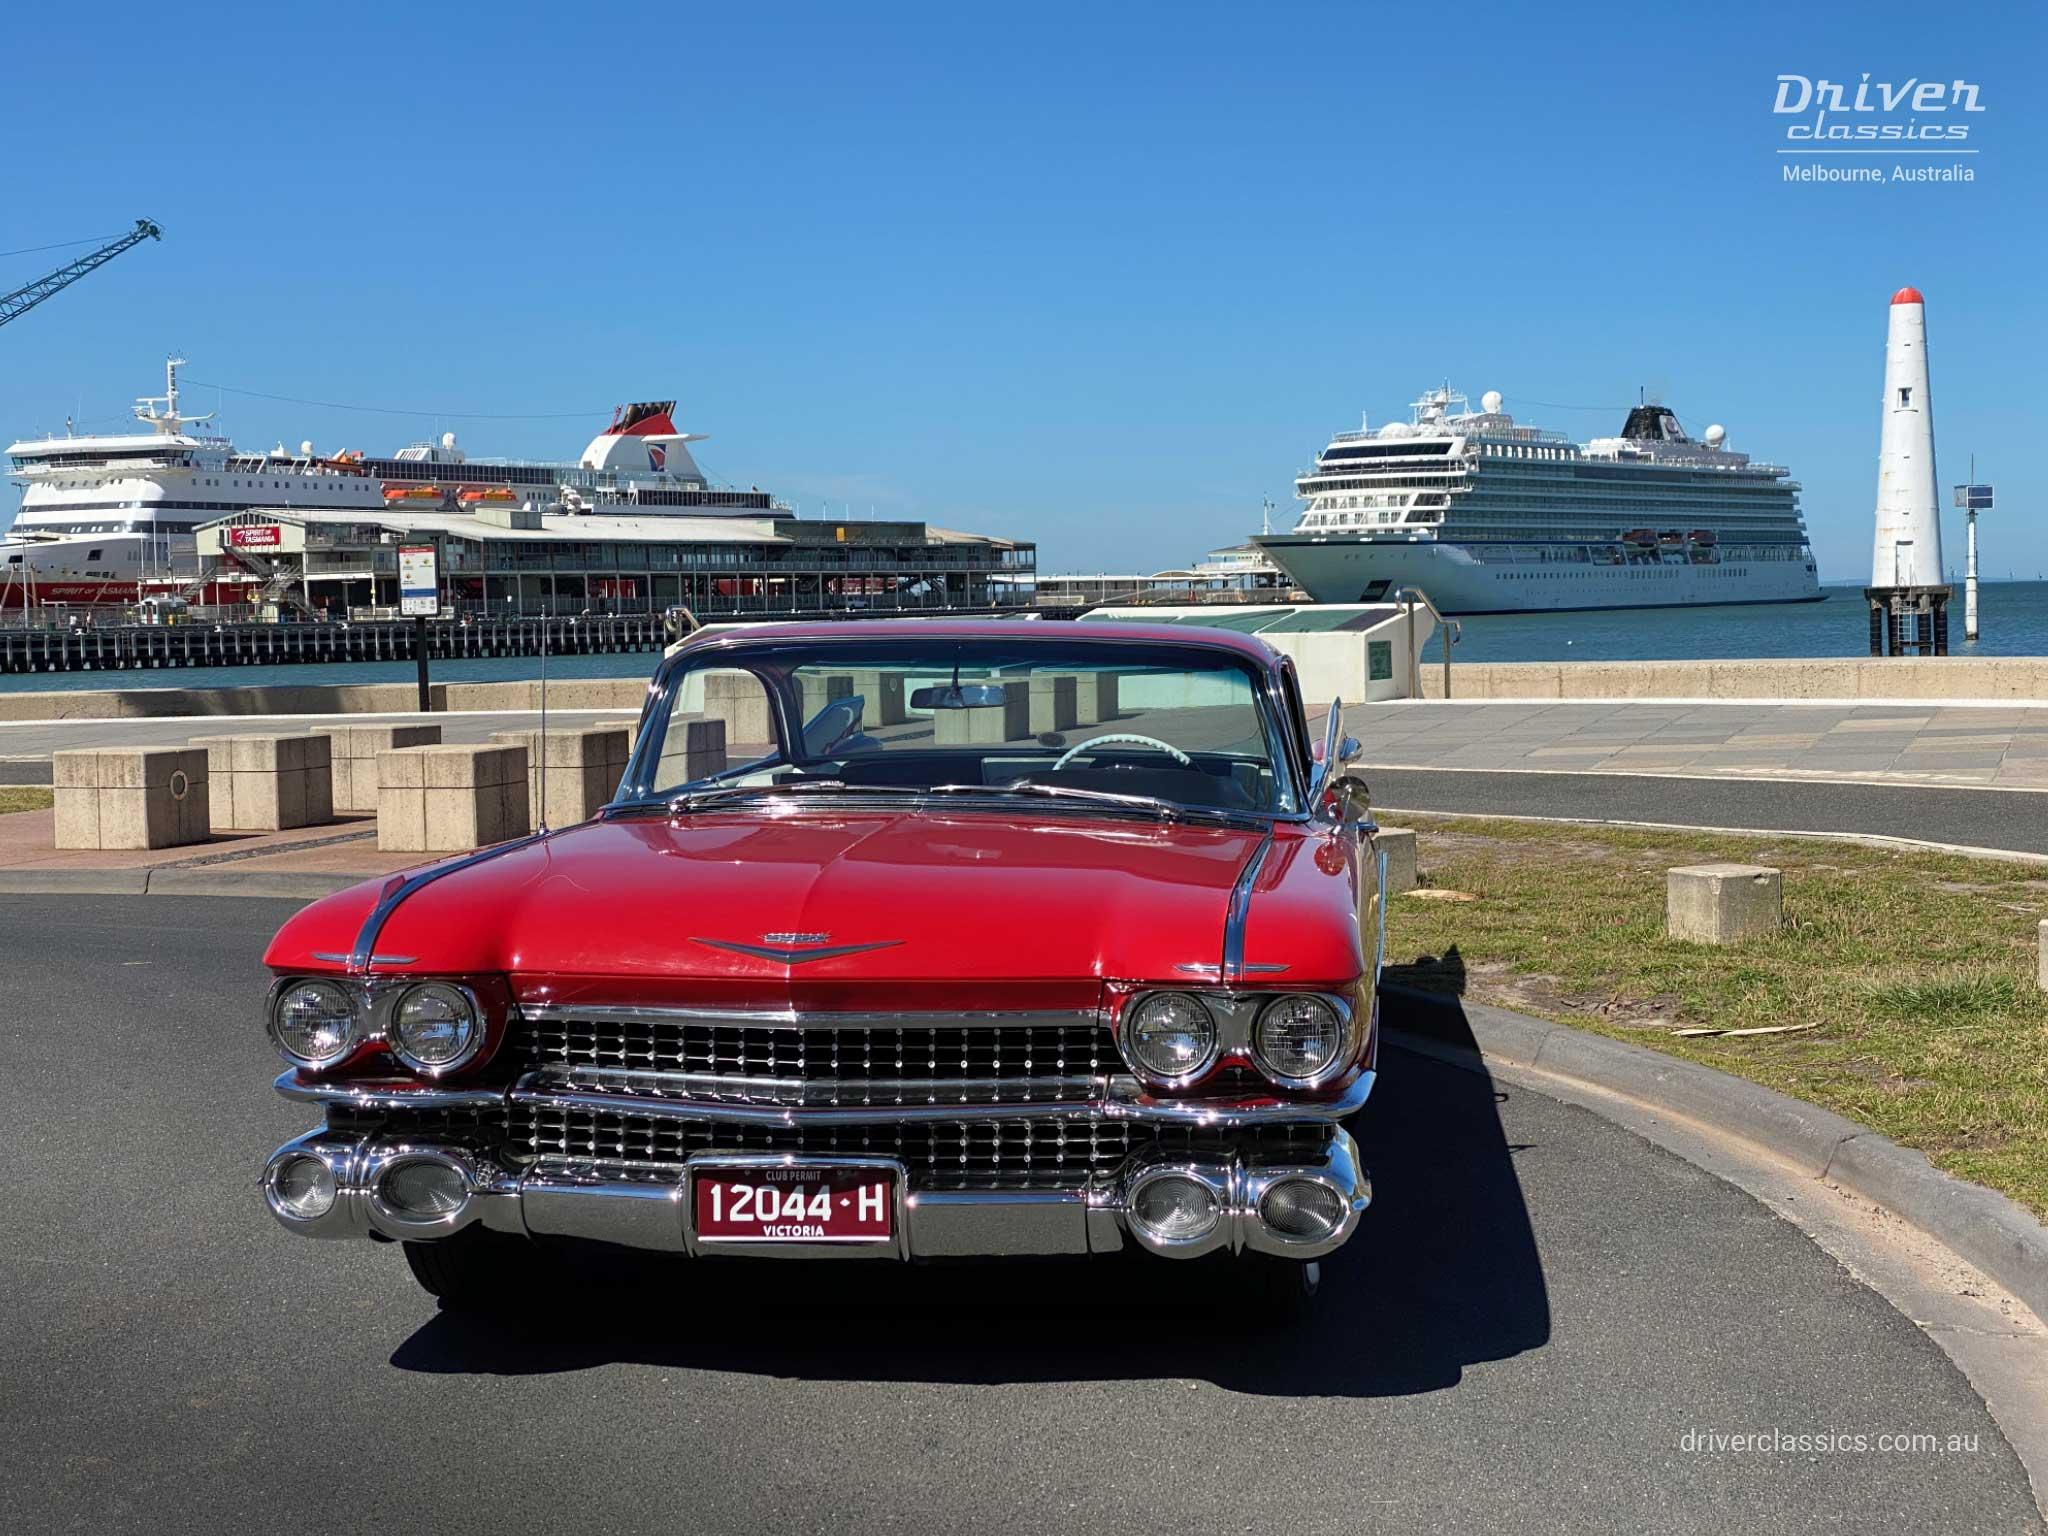 Cadillac Coupe de Ville (1959 version), front angled, Port Melbourne Pier. Photo taken Mar 2020